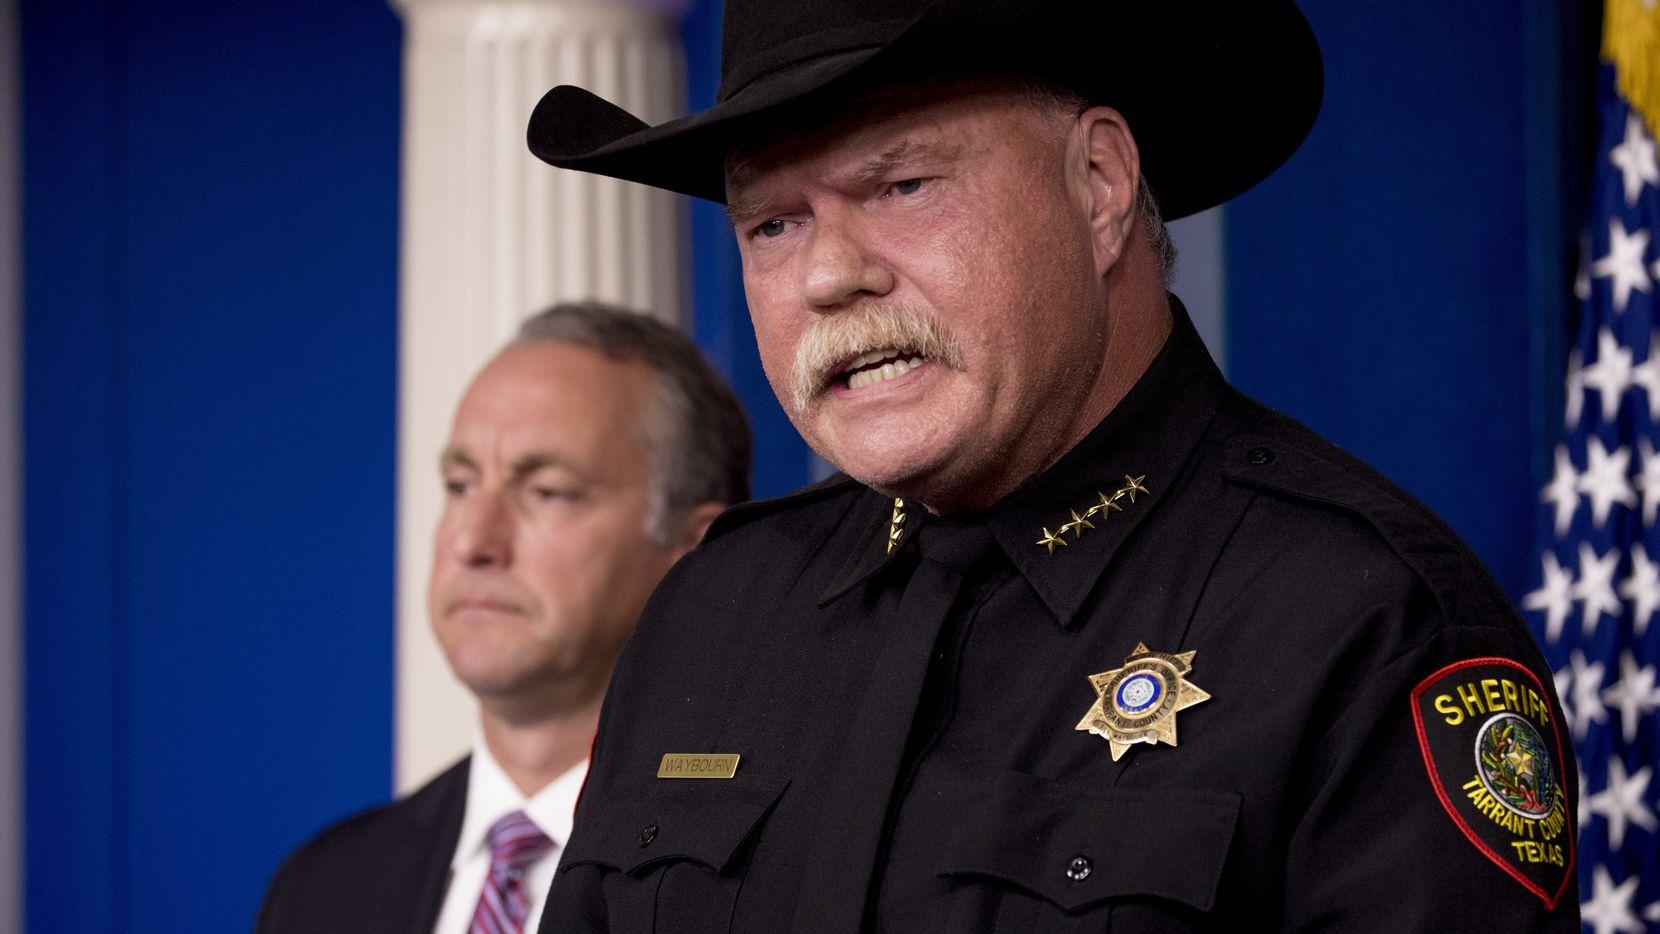 El sheriff Bill Waybourn del condado de Tarrant es uno de los principales impulsores de 287 (g), un programa que convierte a los oficiales del sheriff en agentes de ICE.